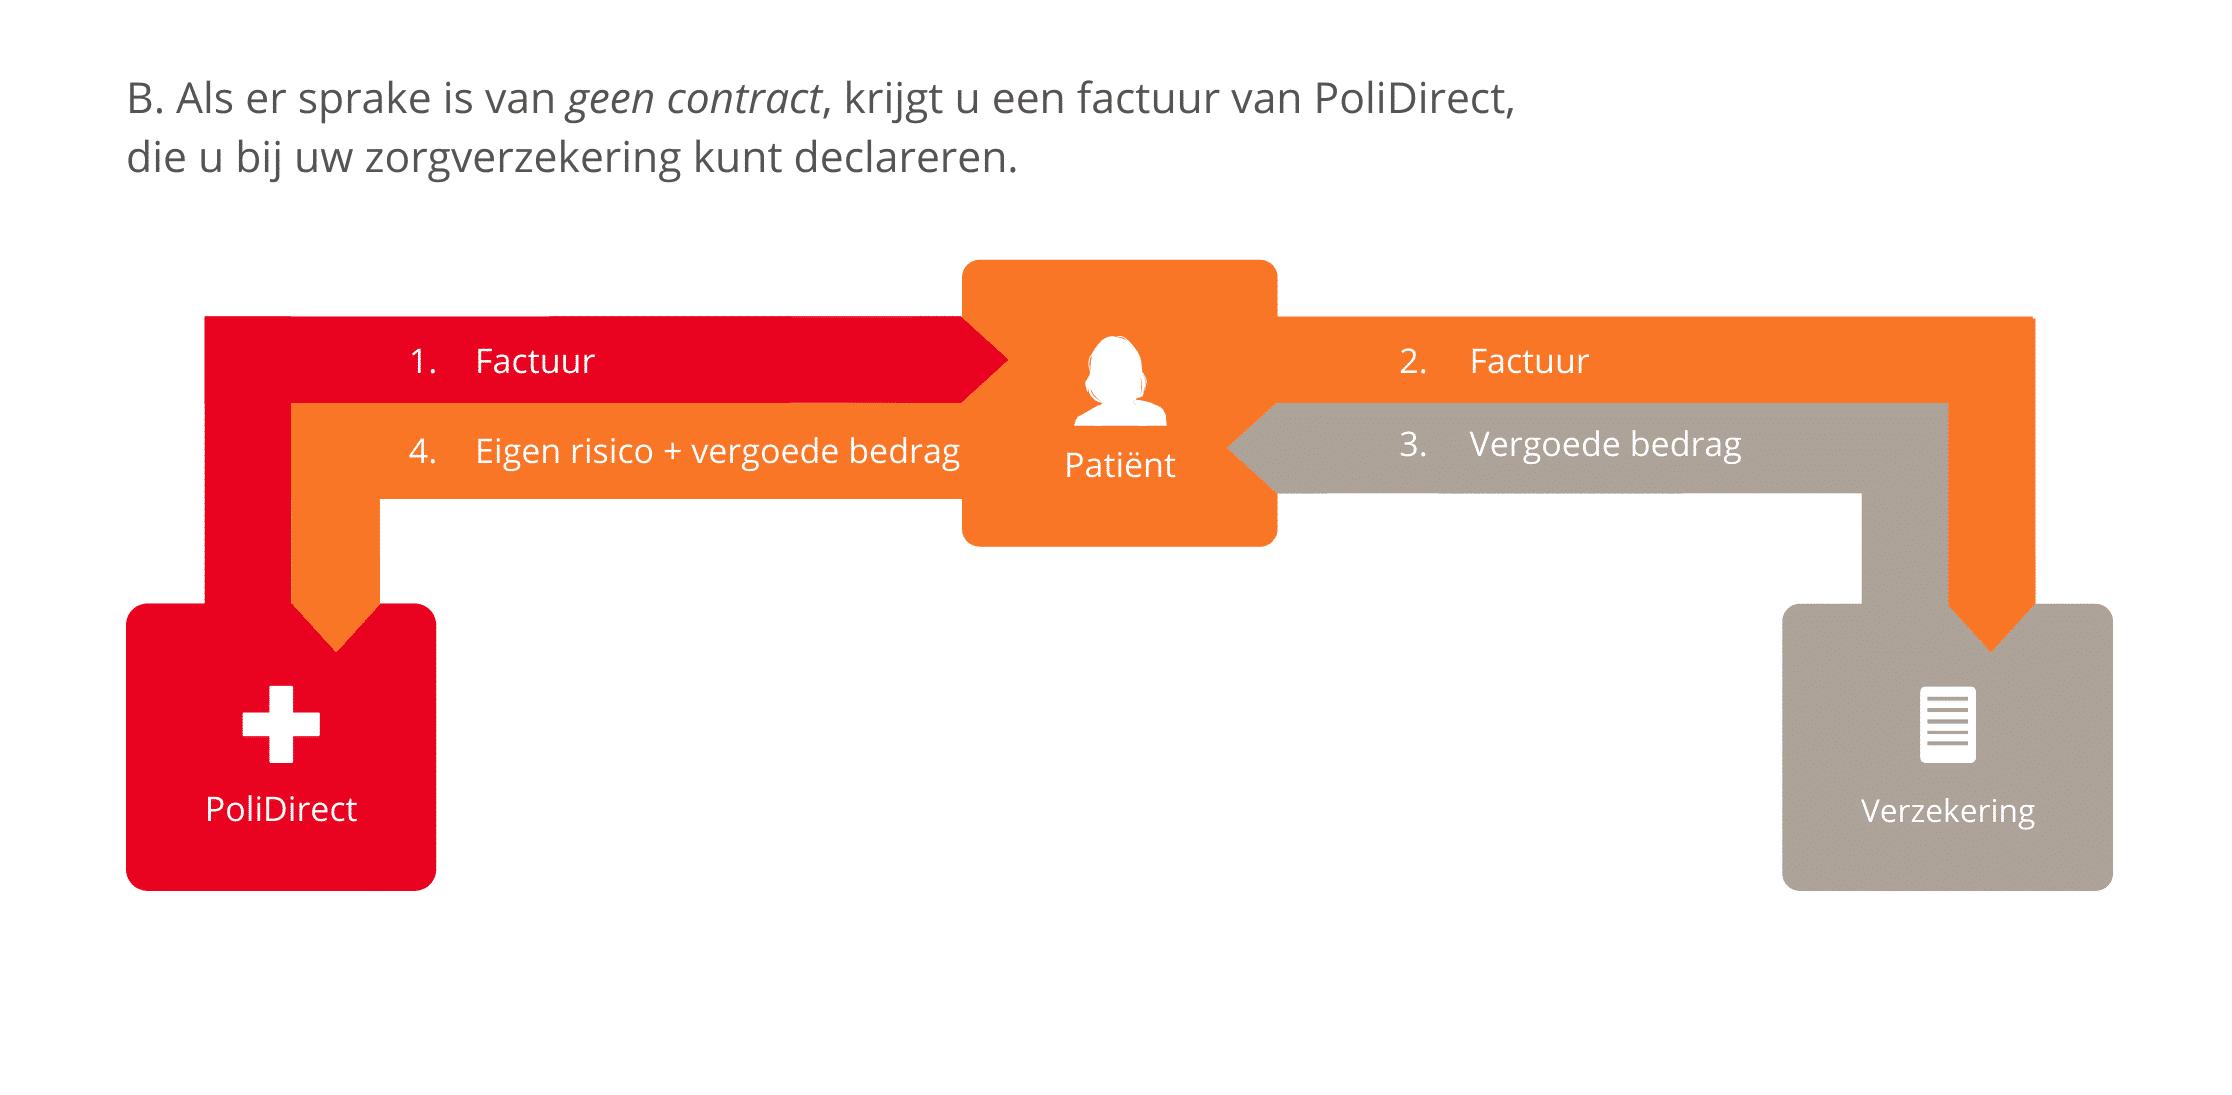 In het geval van geen contract, ontvangt u de factuur van PoliDirect